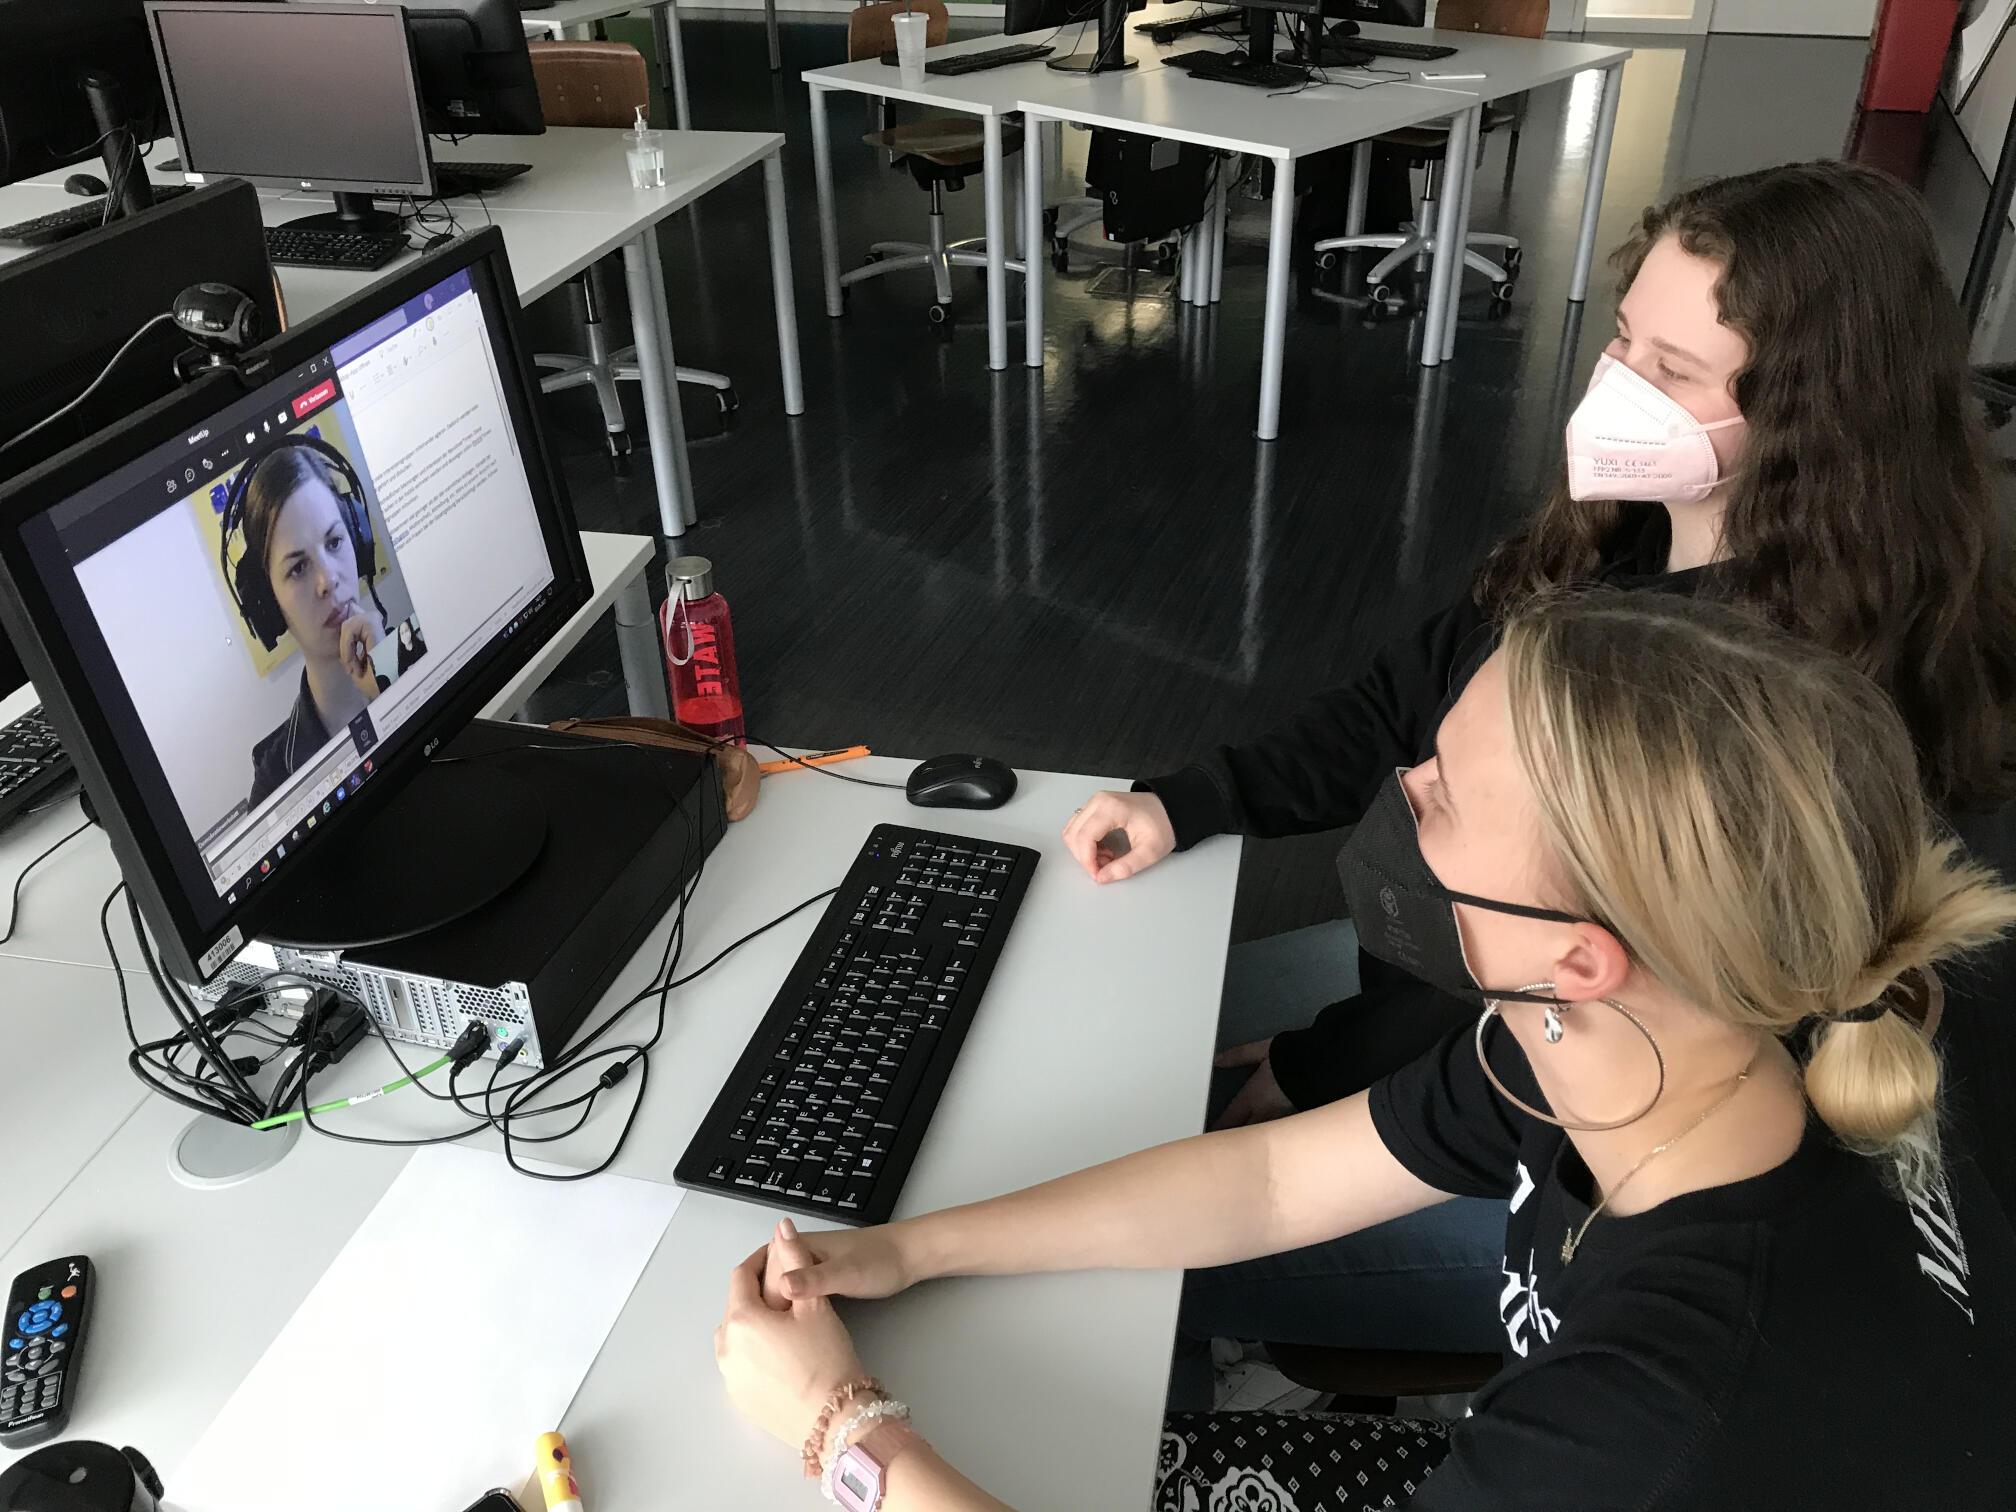 Zwei Lehrlinge sitzen an einem Tisch und schauen auf einen Computerbildschirm